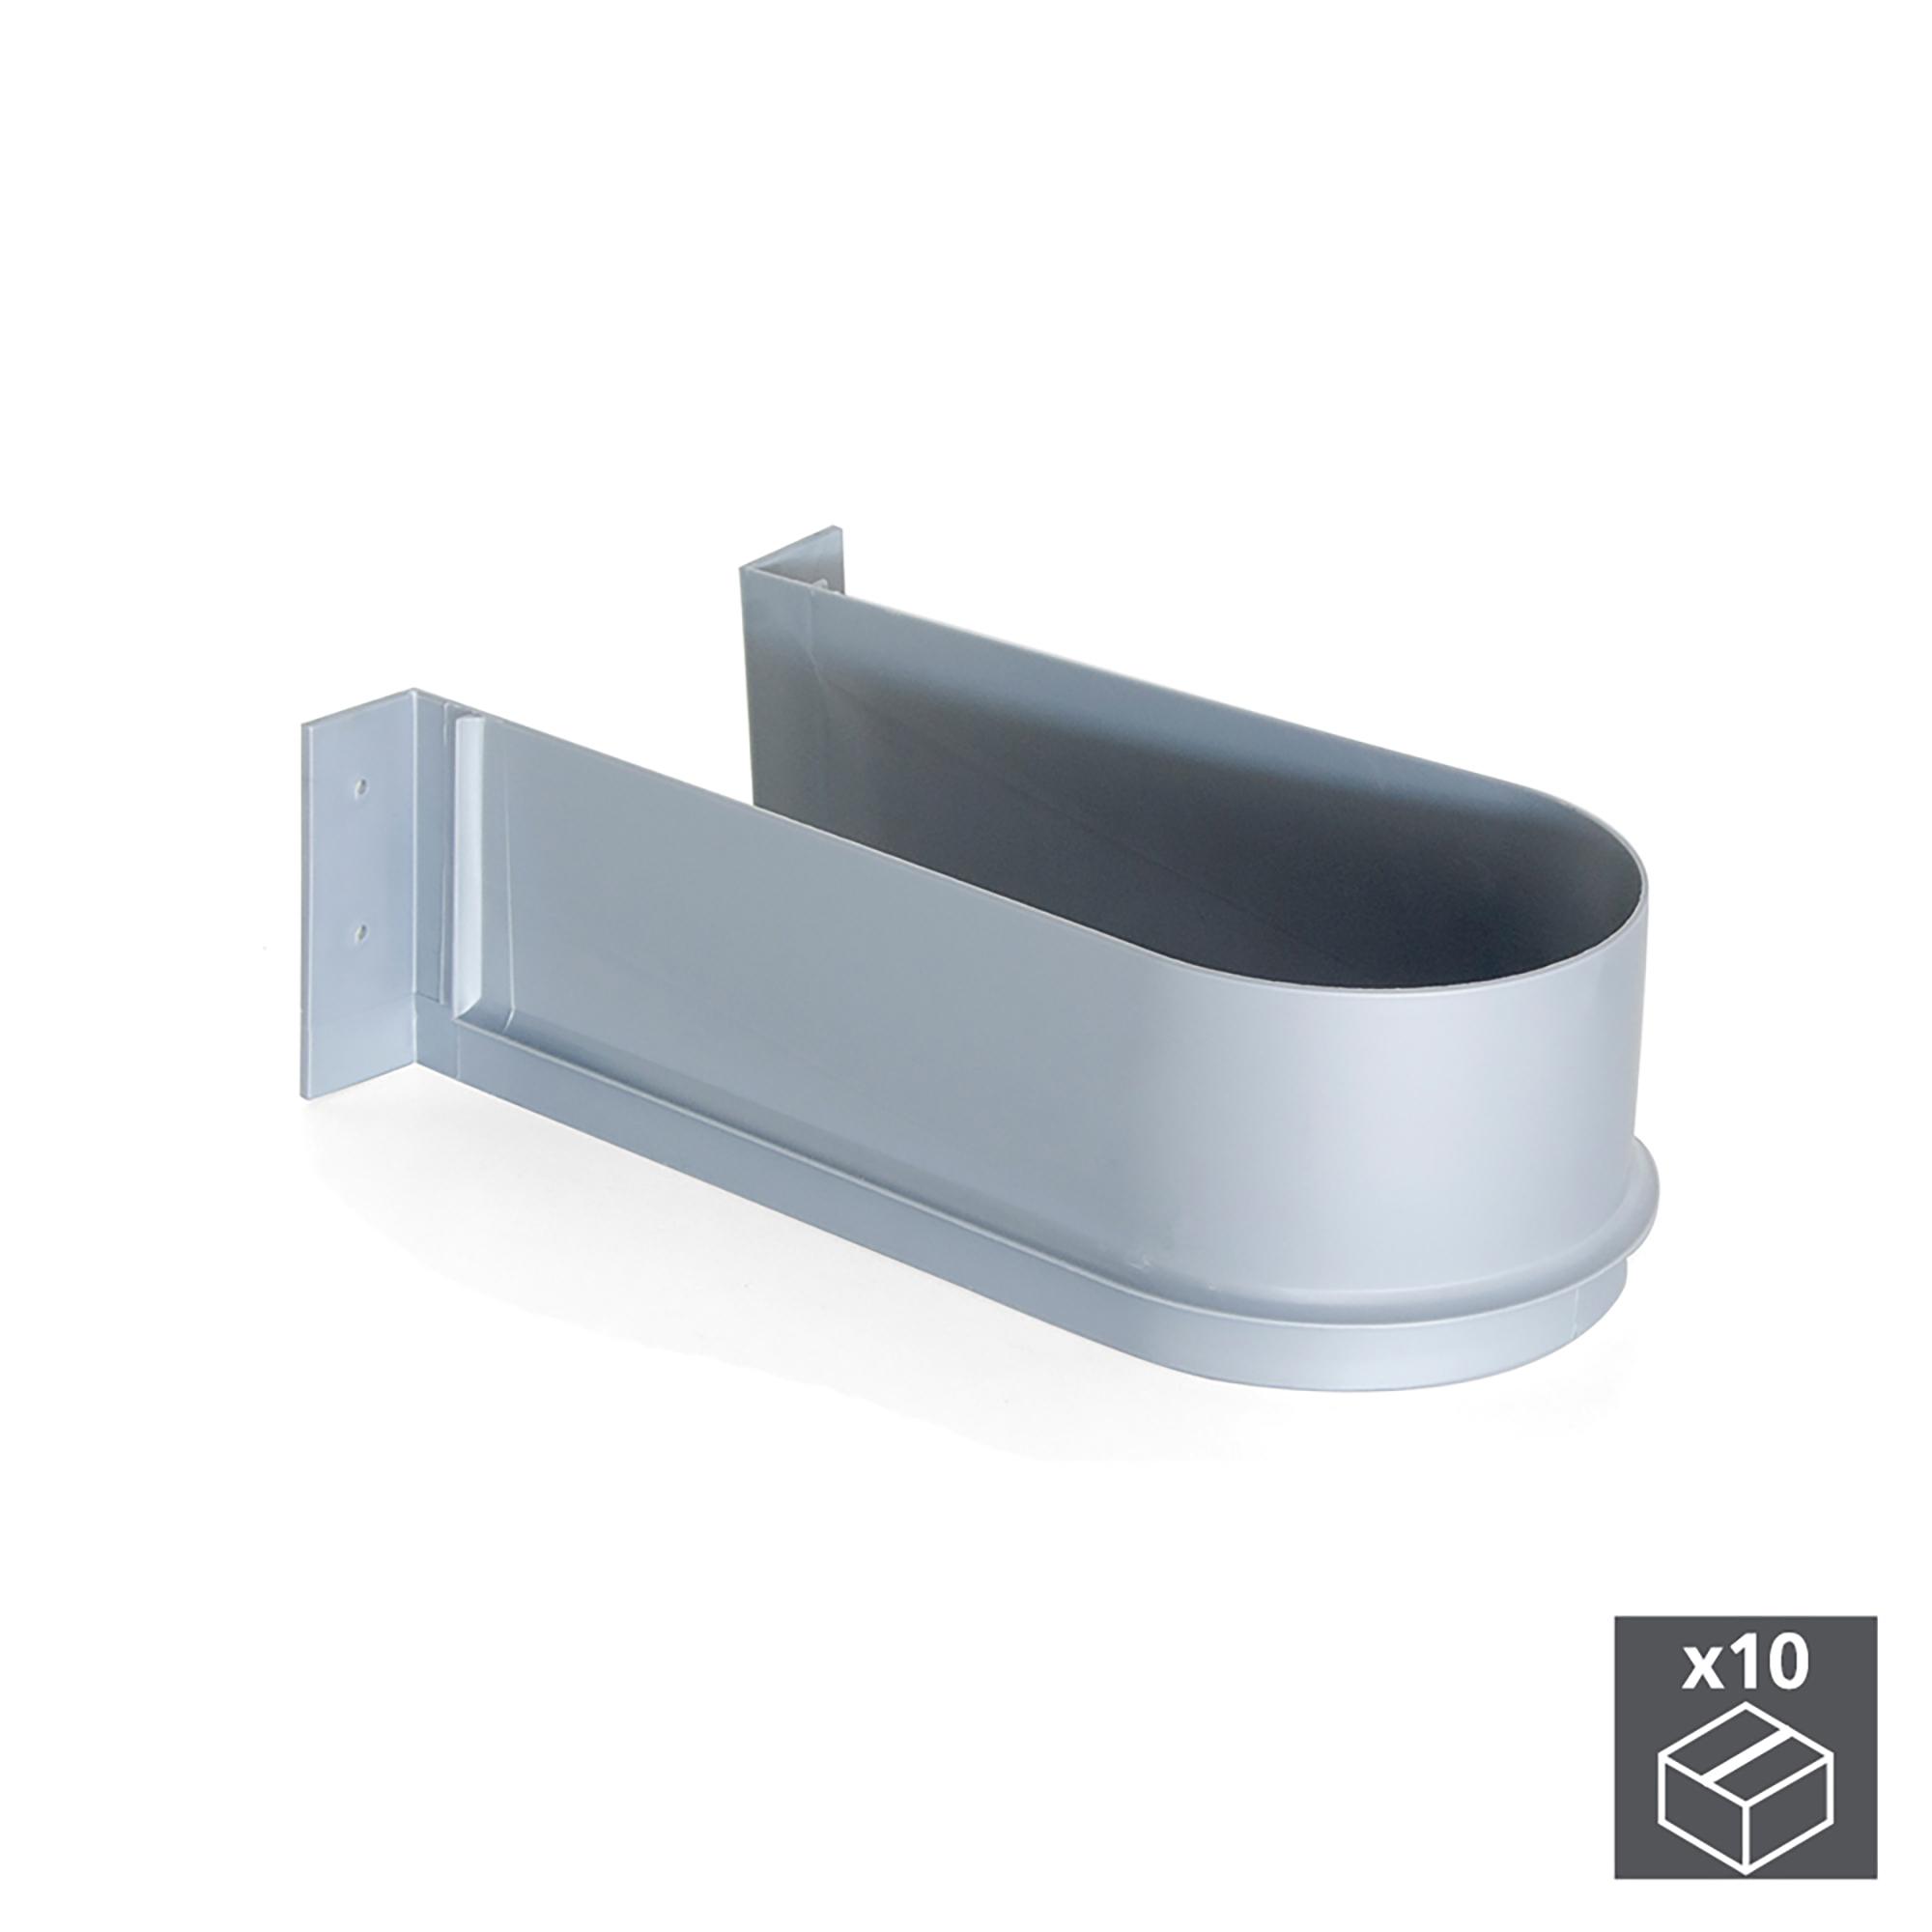 Emuca Salva sifone per cassetti del bagno, curvo, Plastica, Grigio, 10 u.